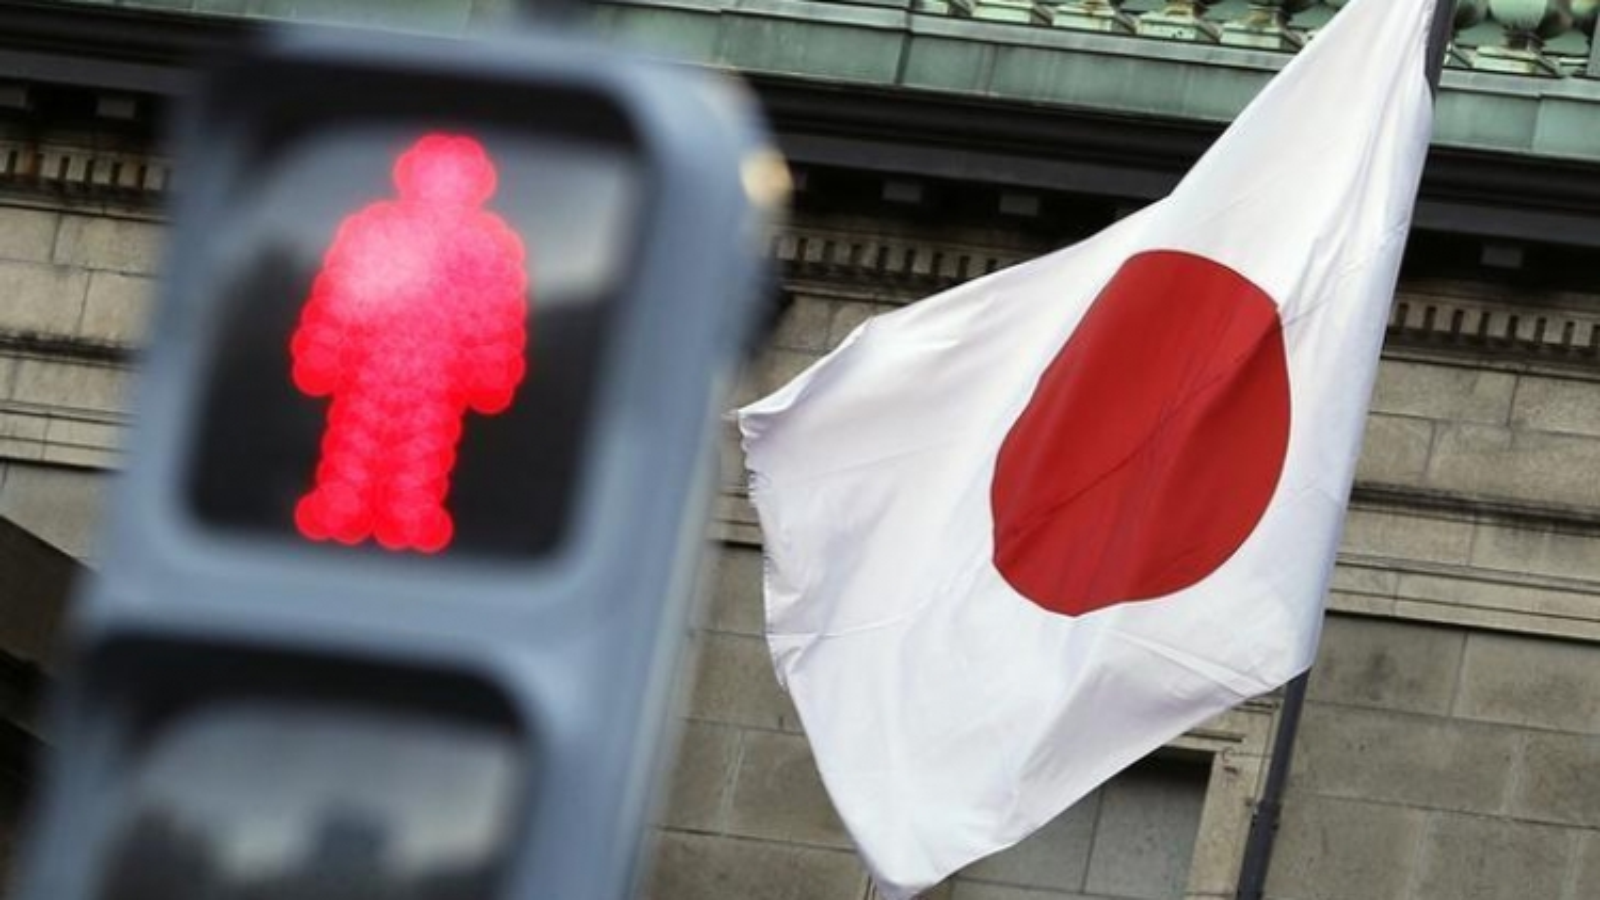 Đảng đối lập Nhật Bản đệ trình đề nghị bất tín nhiệm Nội các hiện tại